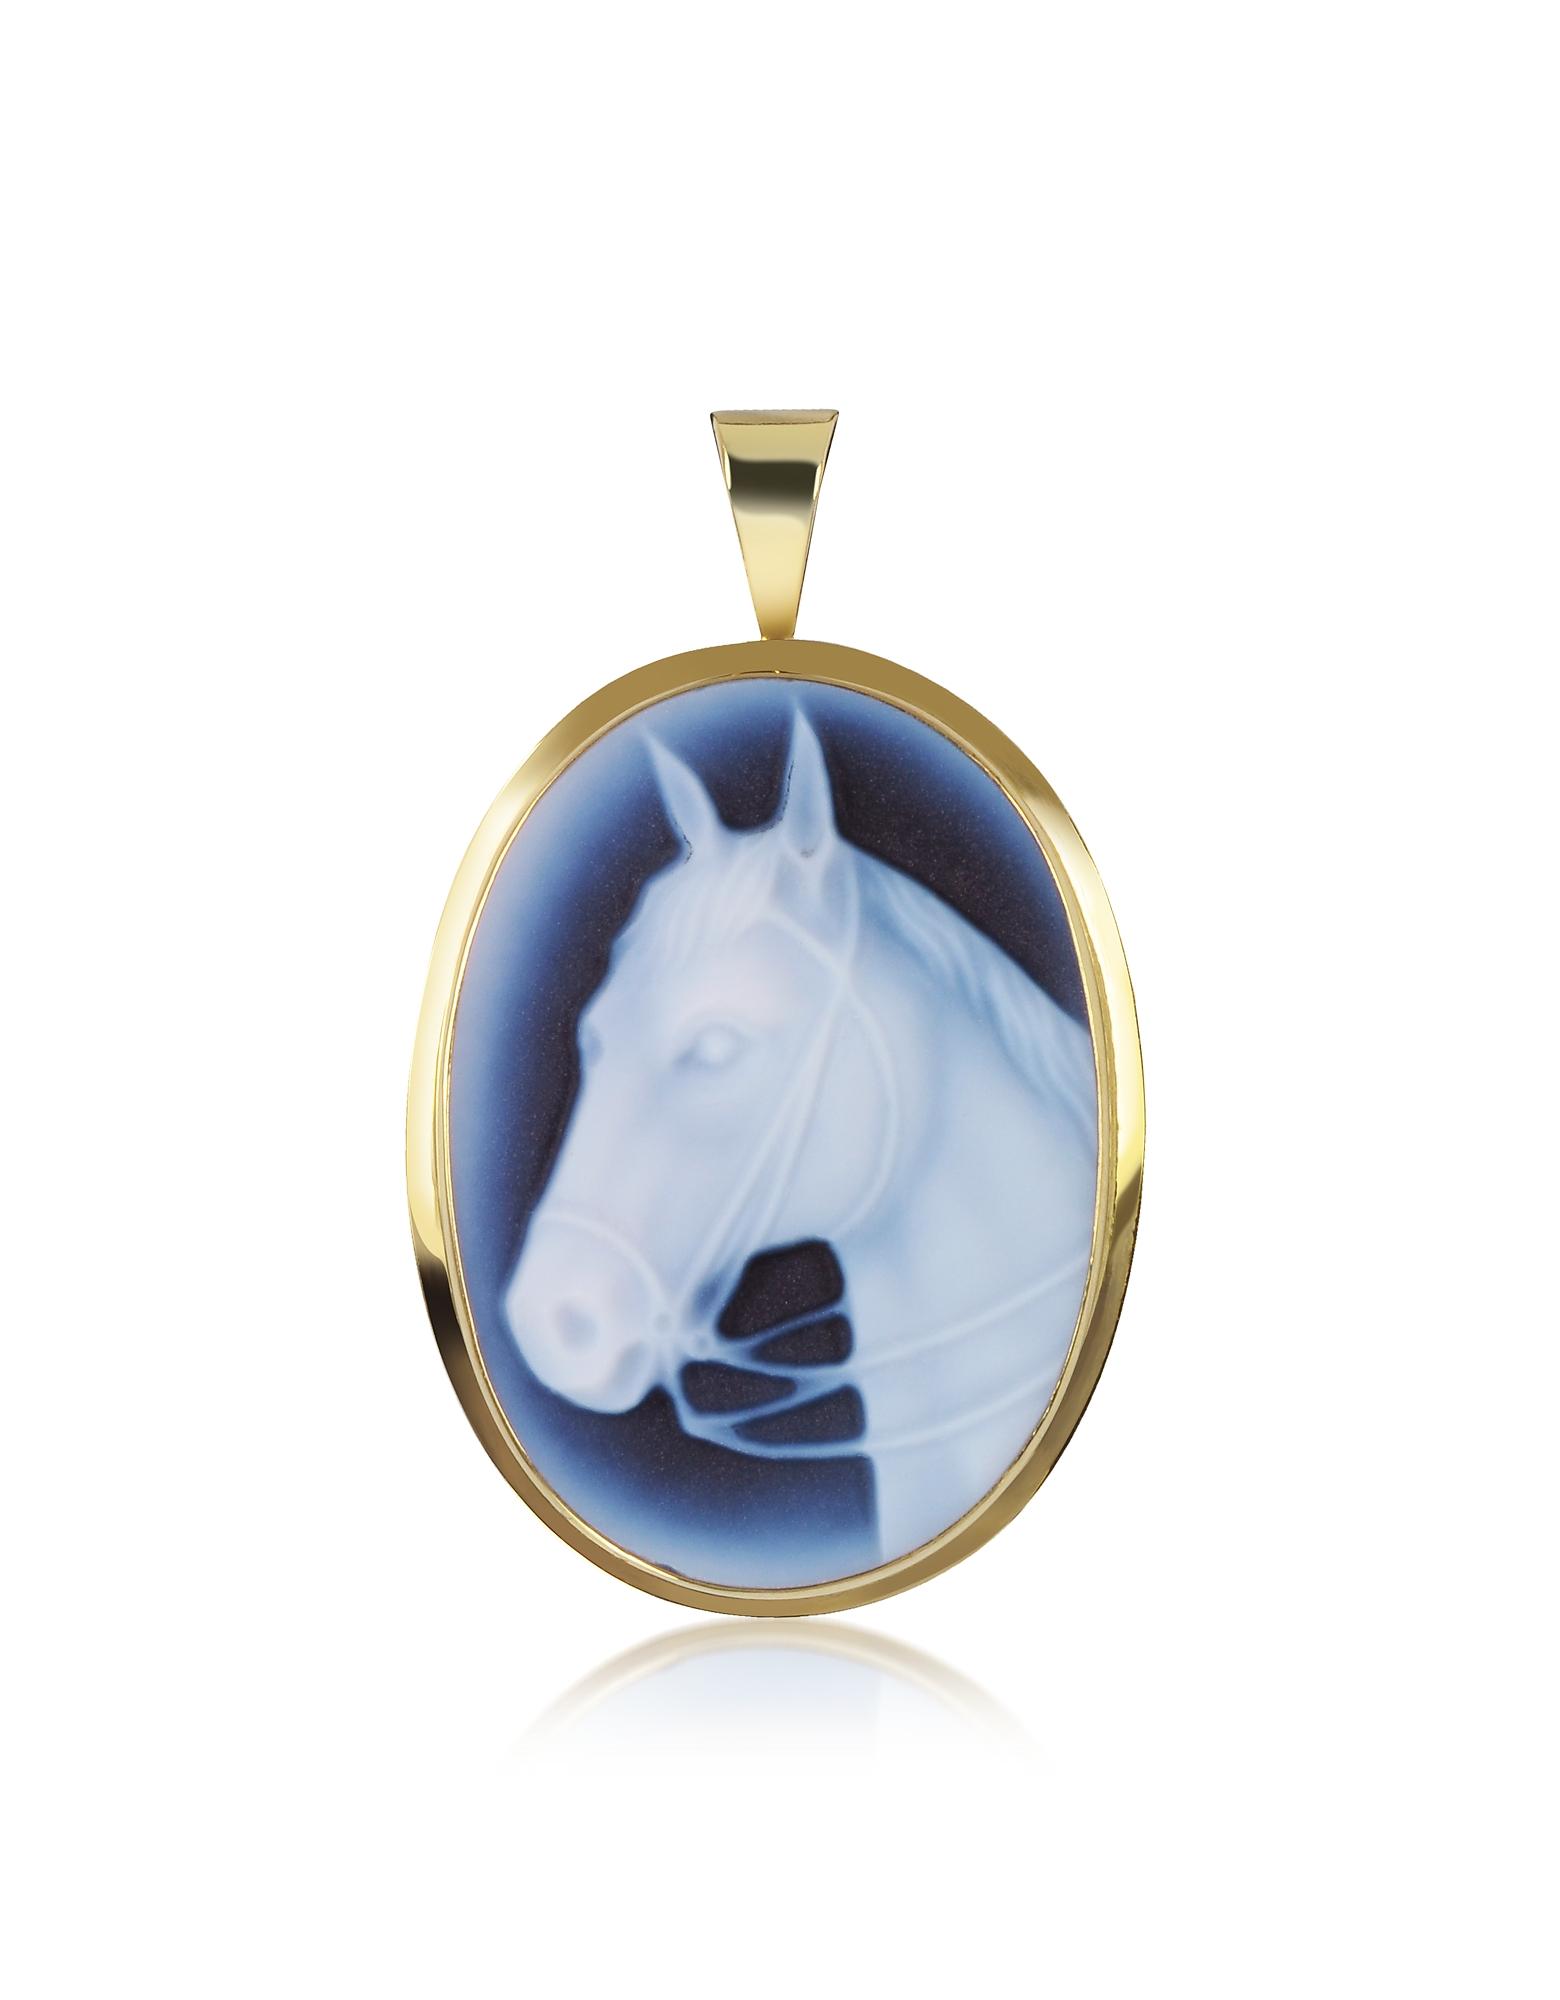 Cammeo Pendente / Spilla con Cavallo in Agata Blu